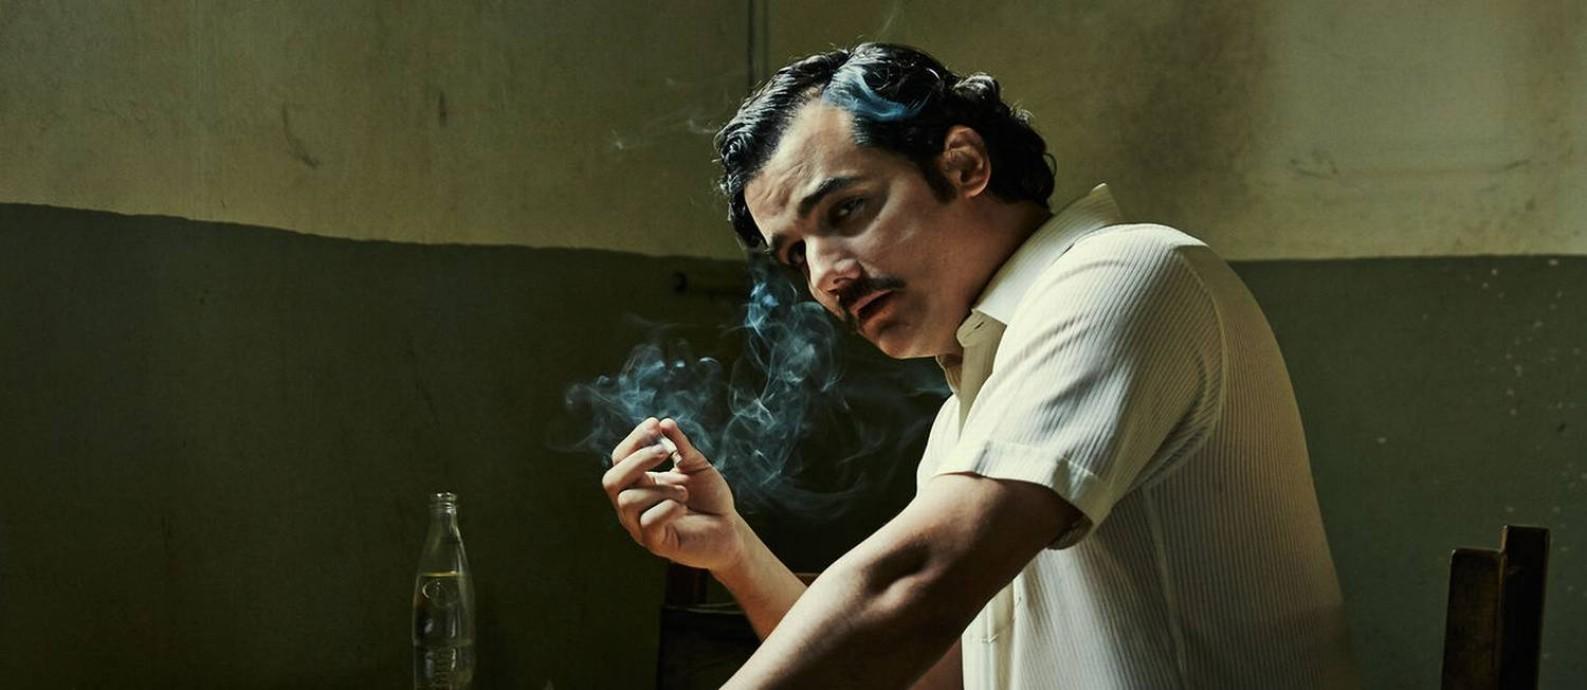 Já pensou como seria ser preso por estar assistindo a 'Narcos' no seu sofá? Foto: Divulgação